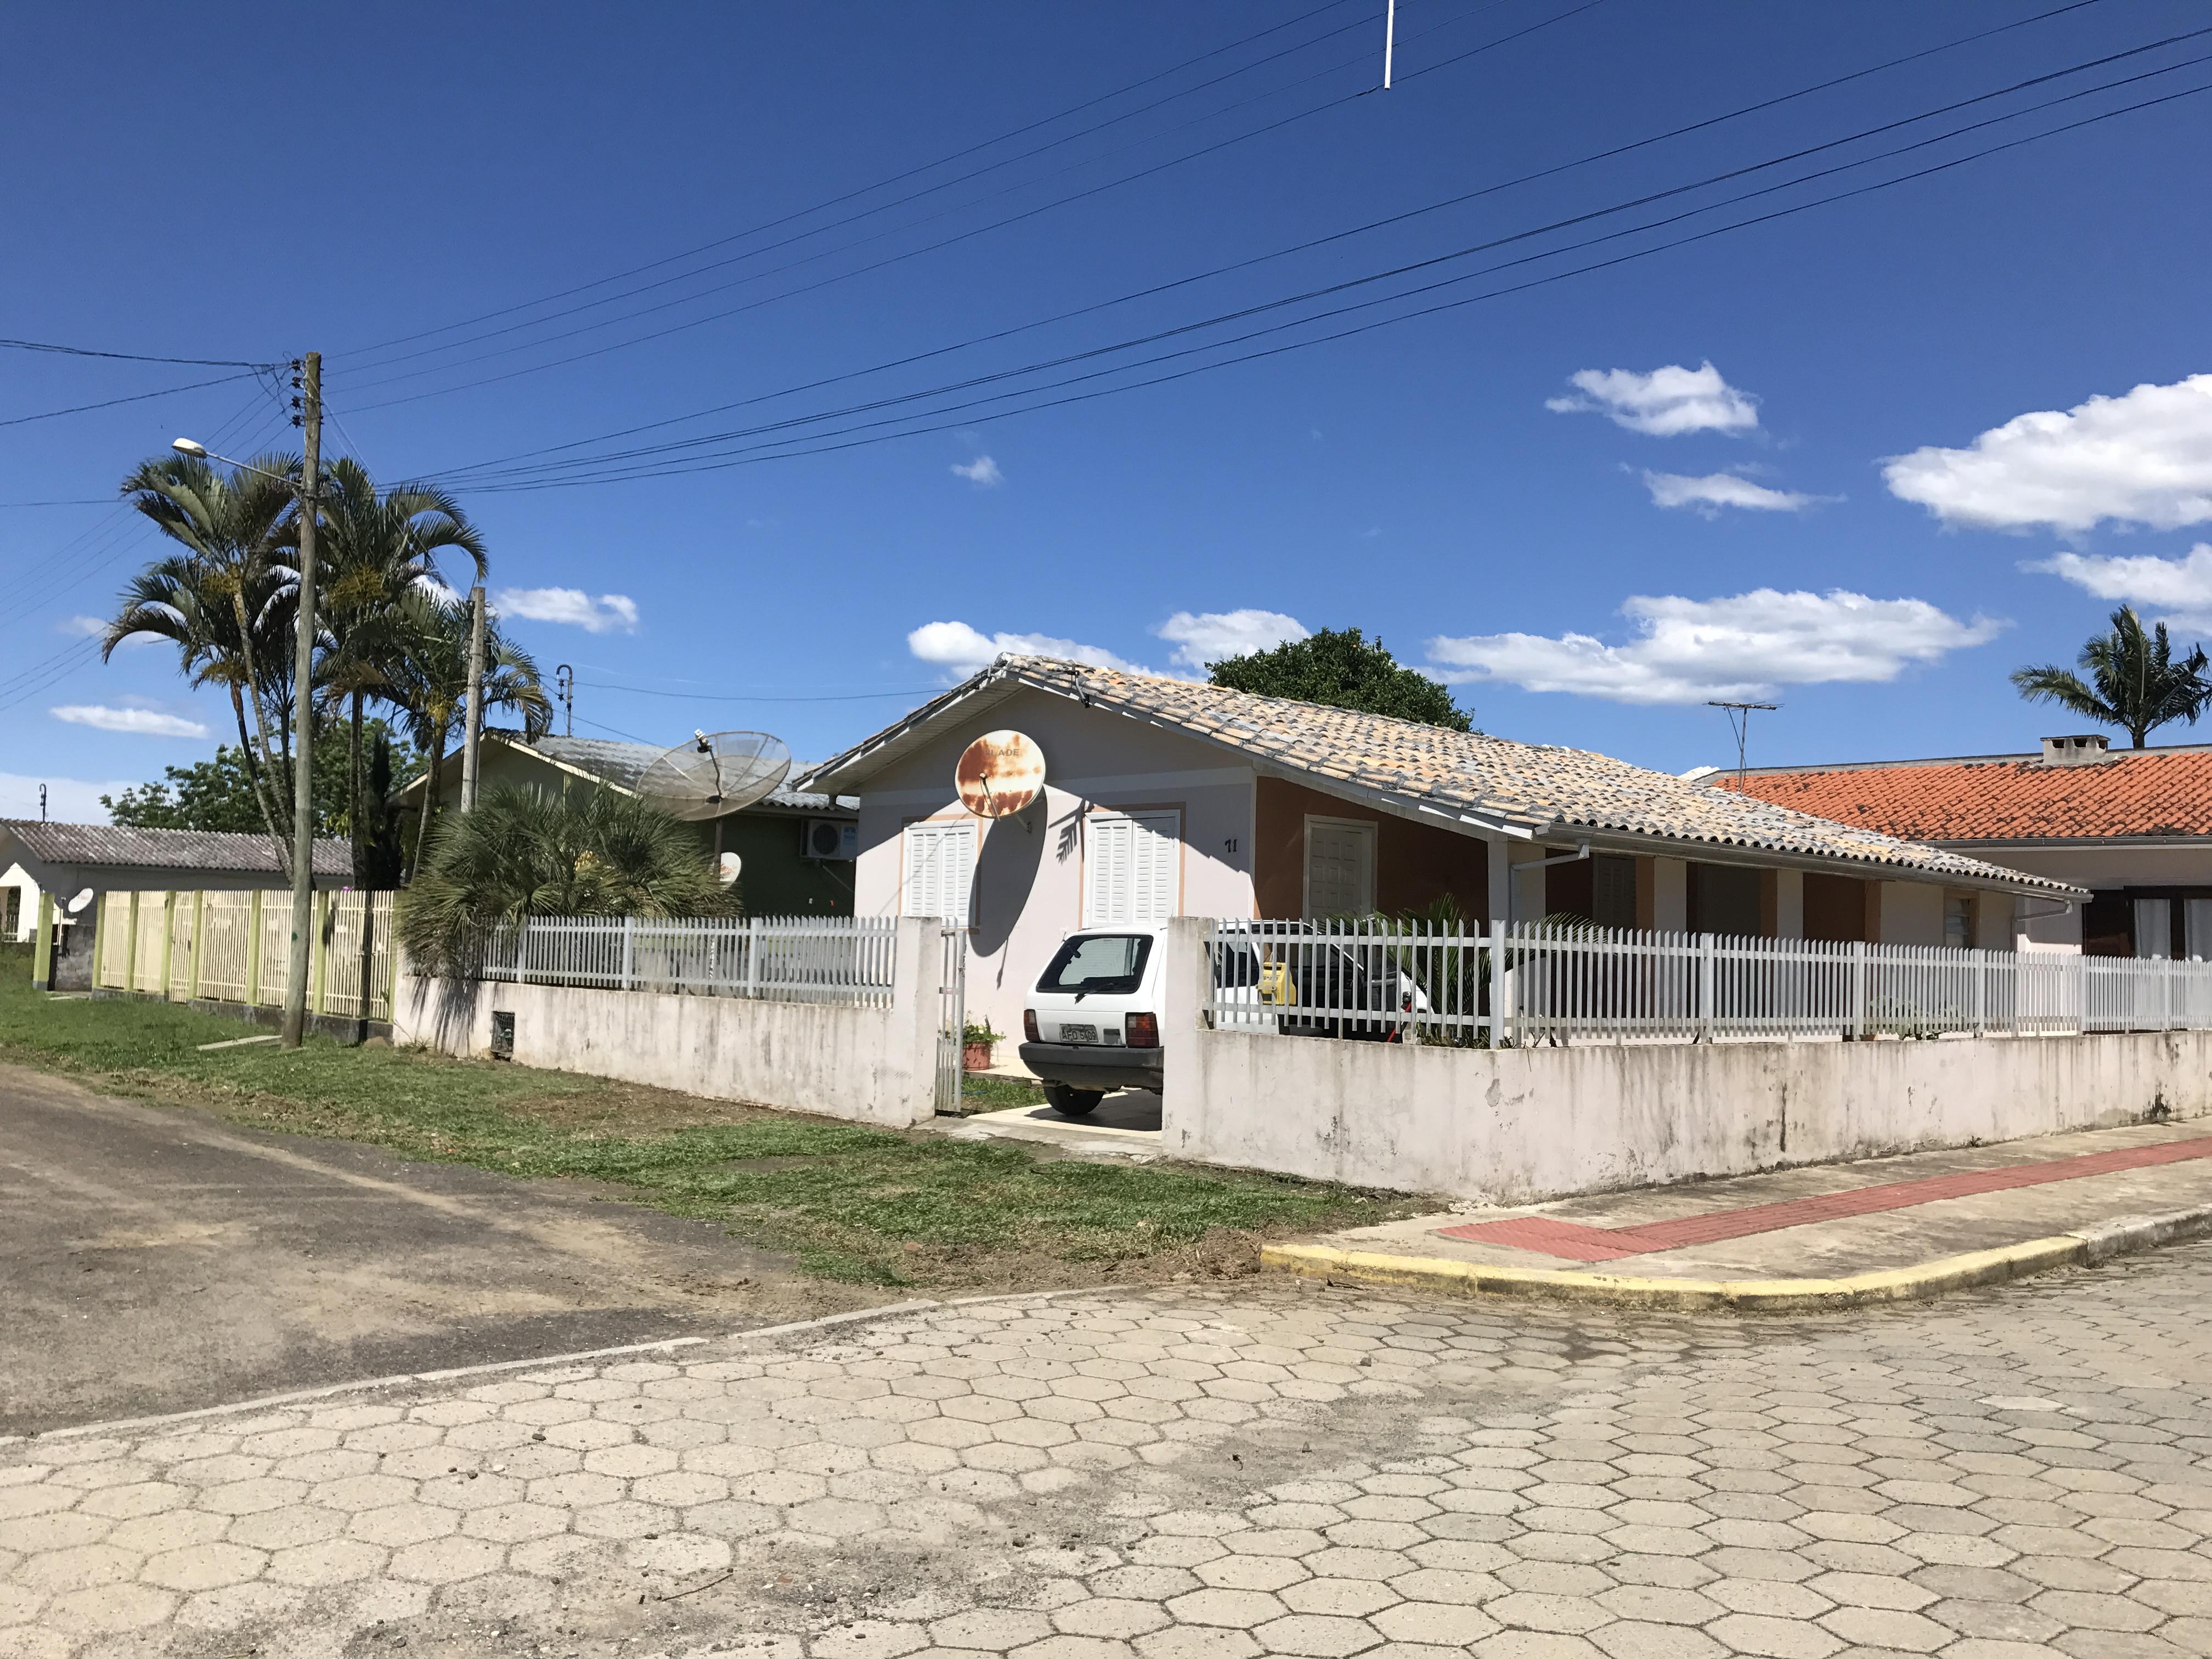 Leilão Simultâneo da 2ª Vara Cível da Comarca de Araranguá/SC.